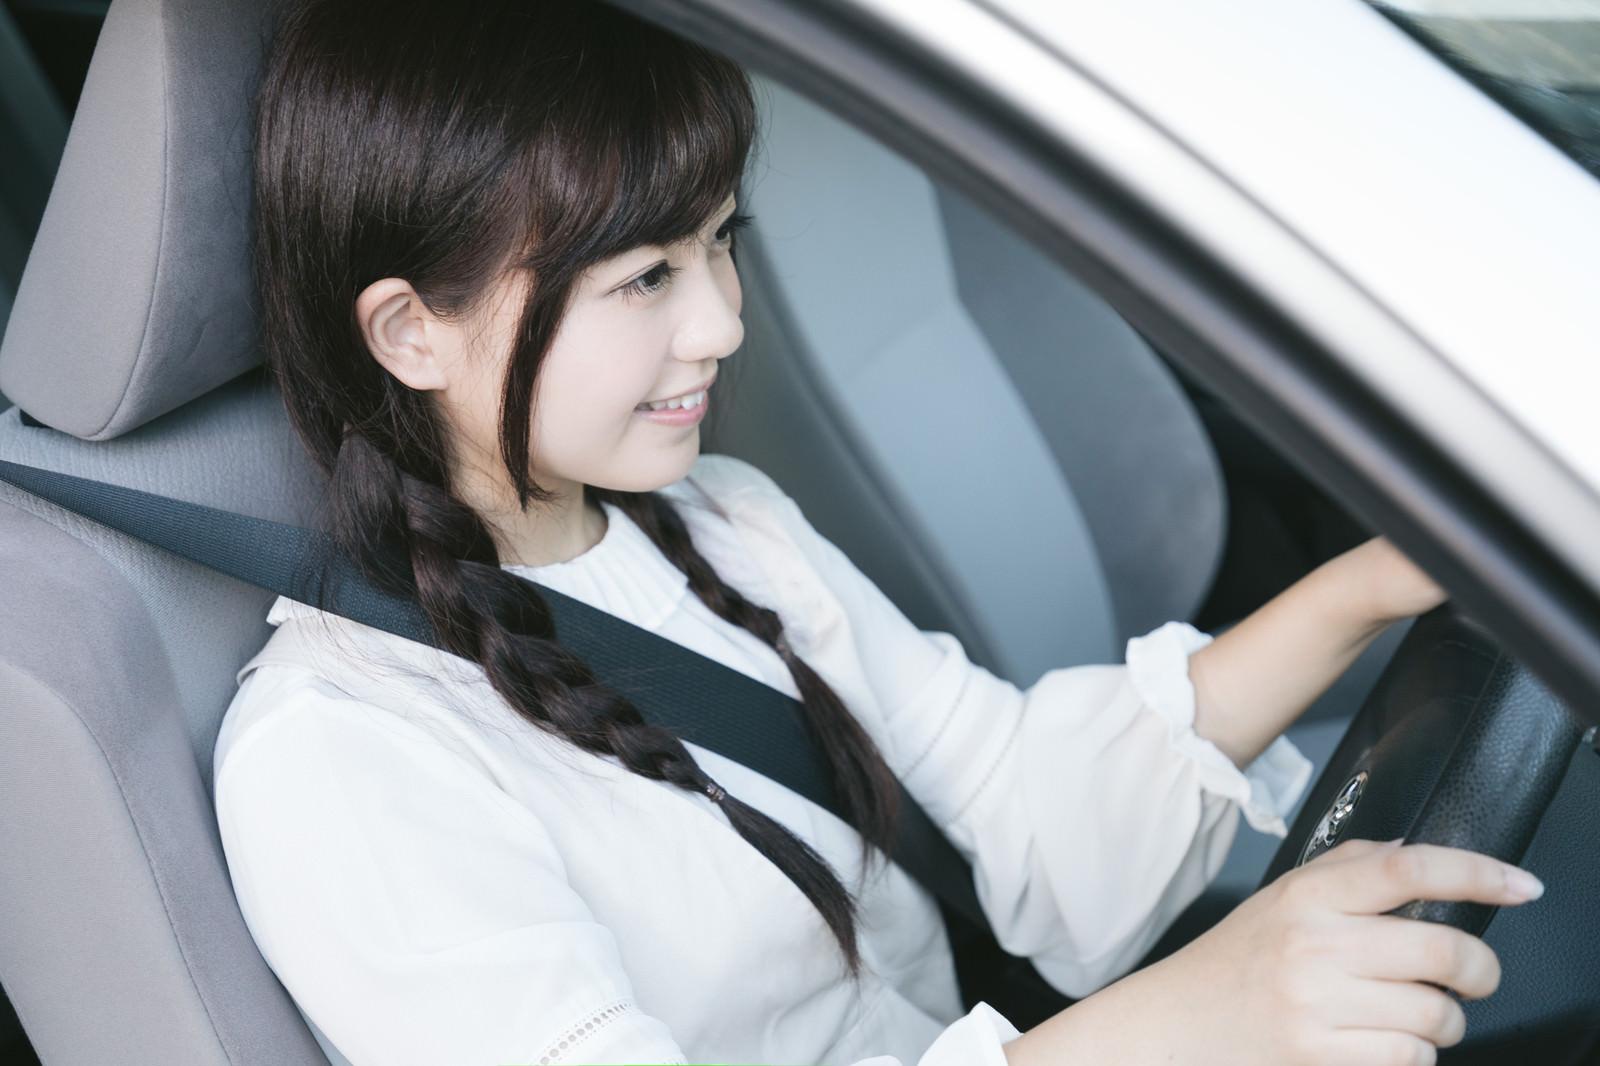 「シートベルトを着用して安全運転中シートベルトを着用して安全運転中」[モデル:河村友歌]のフリー写真素材を拡大